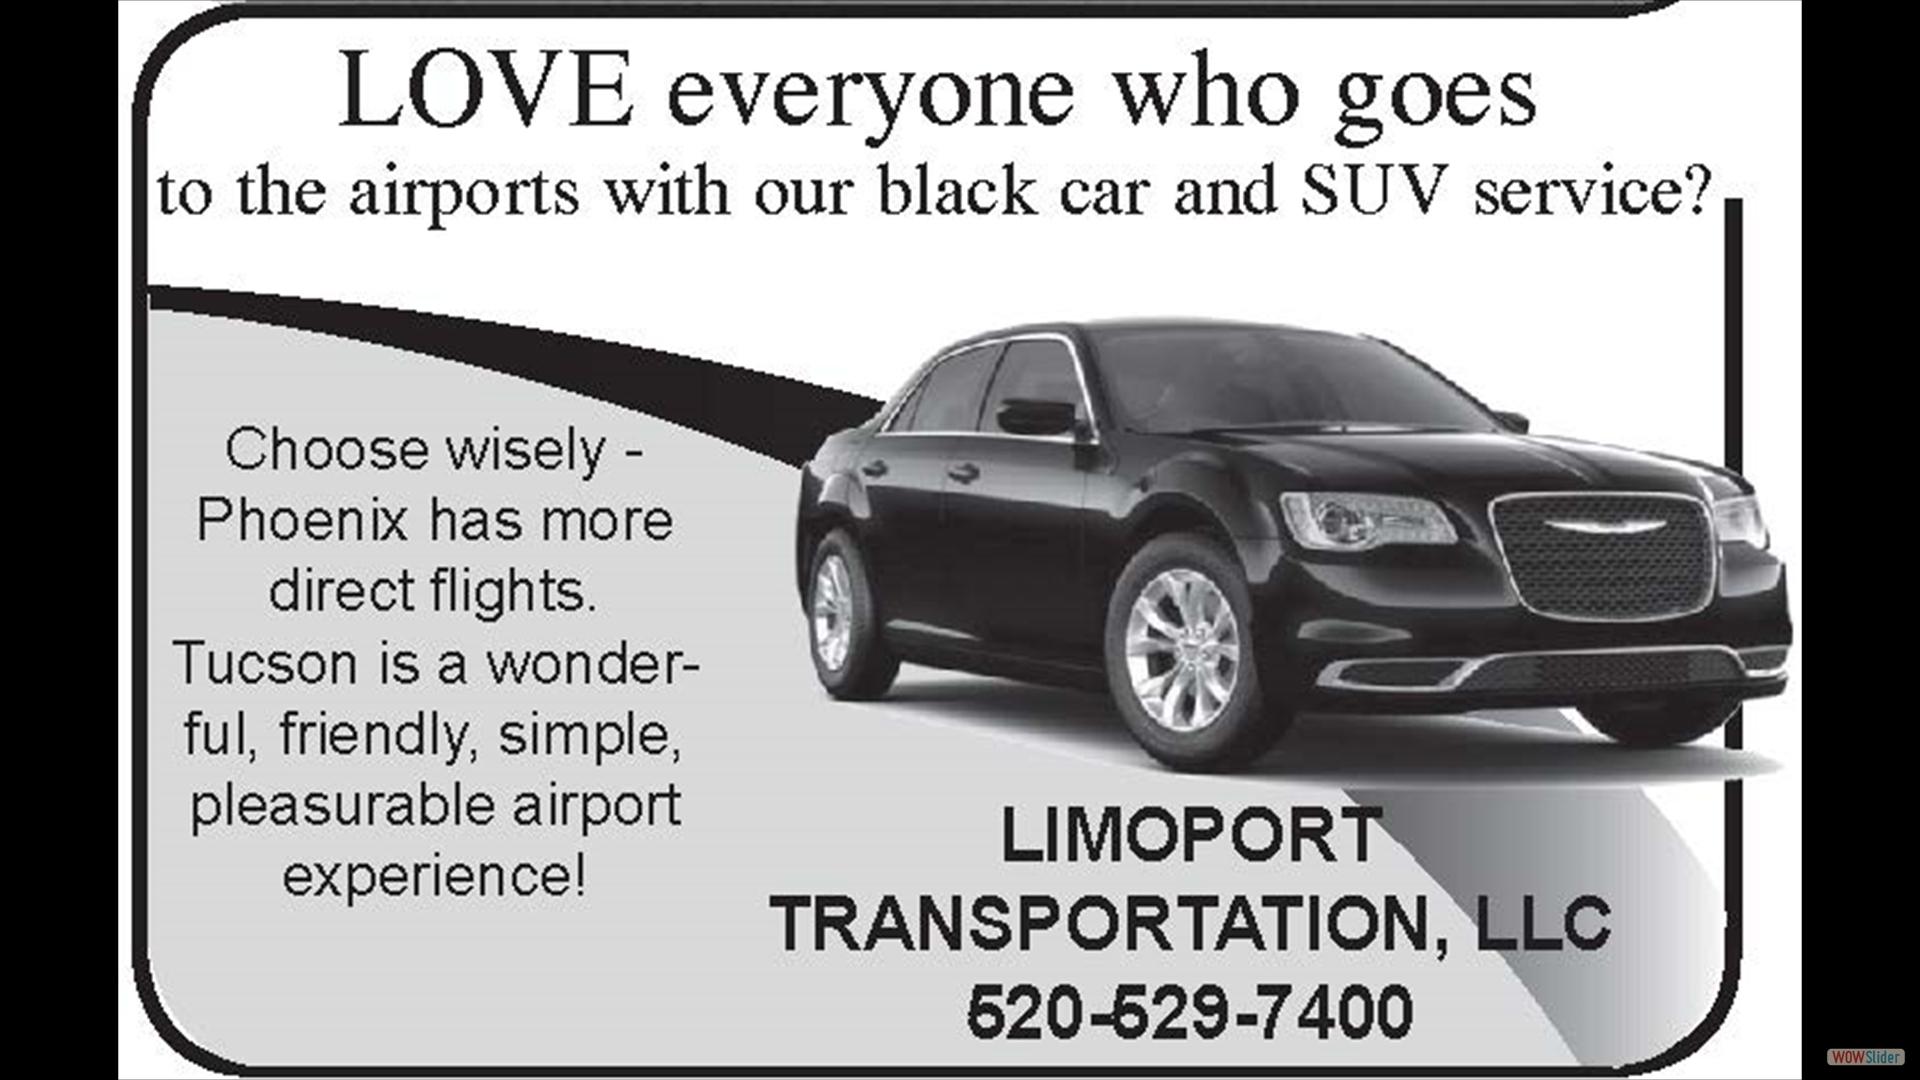 Limo Transport Chrysler 300